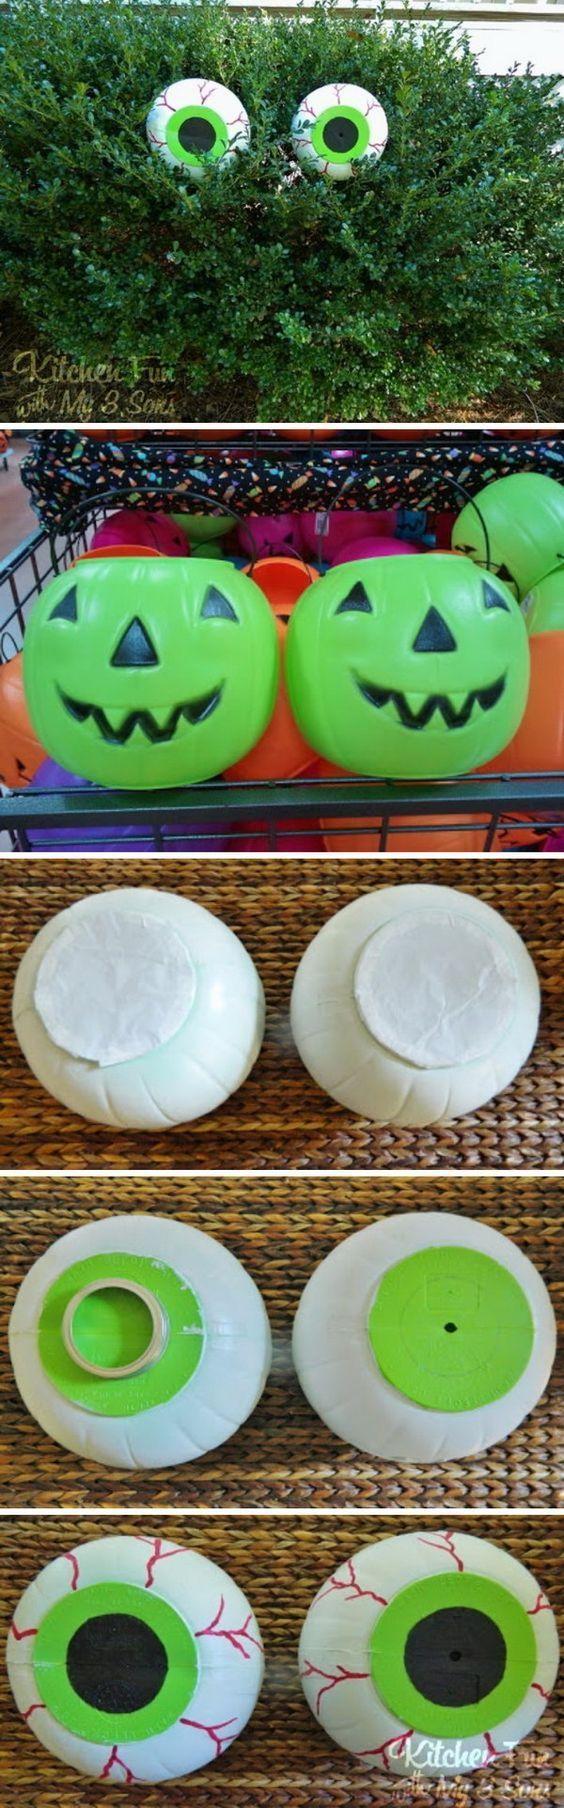 30 Dollar Laden DIY Projekte für Halloween